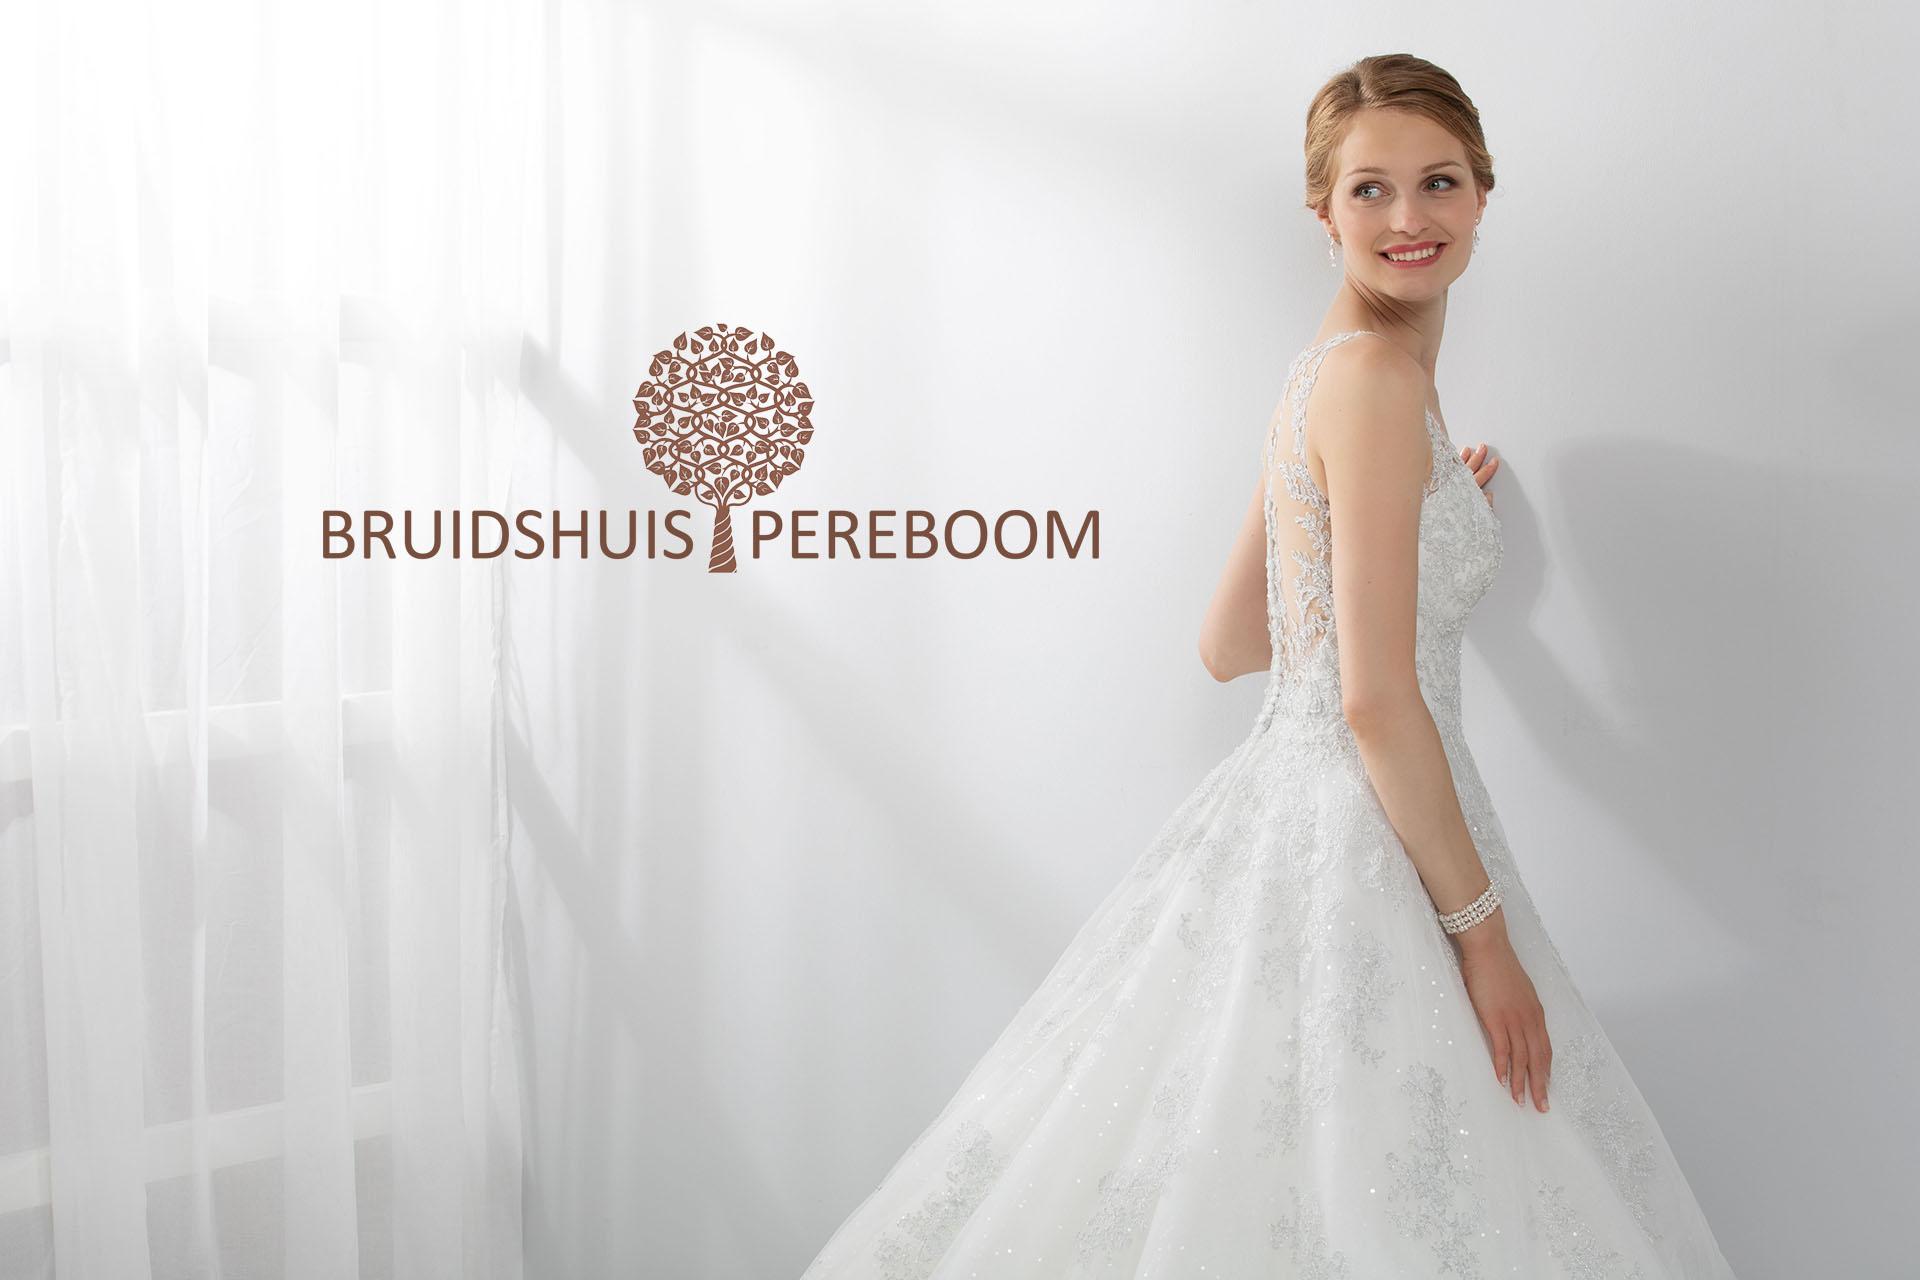 Openingsafbeelding van Bruidshuis Pereboom te Heerlen